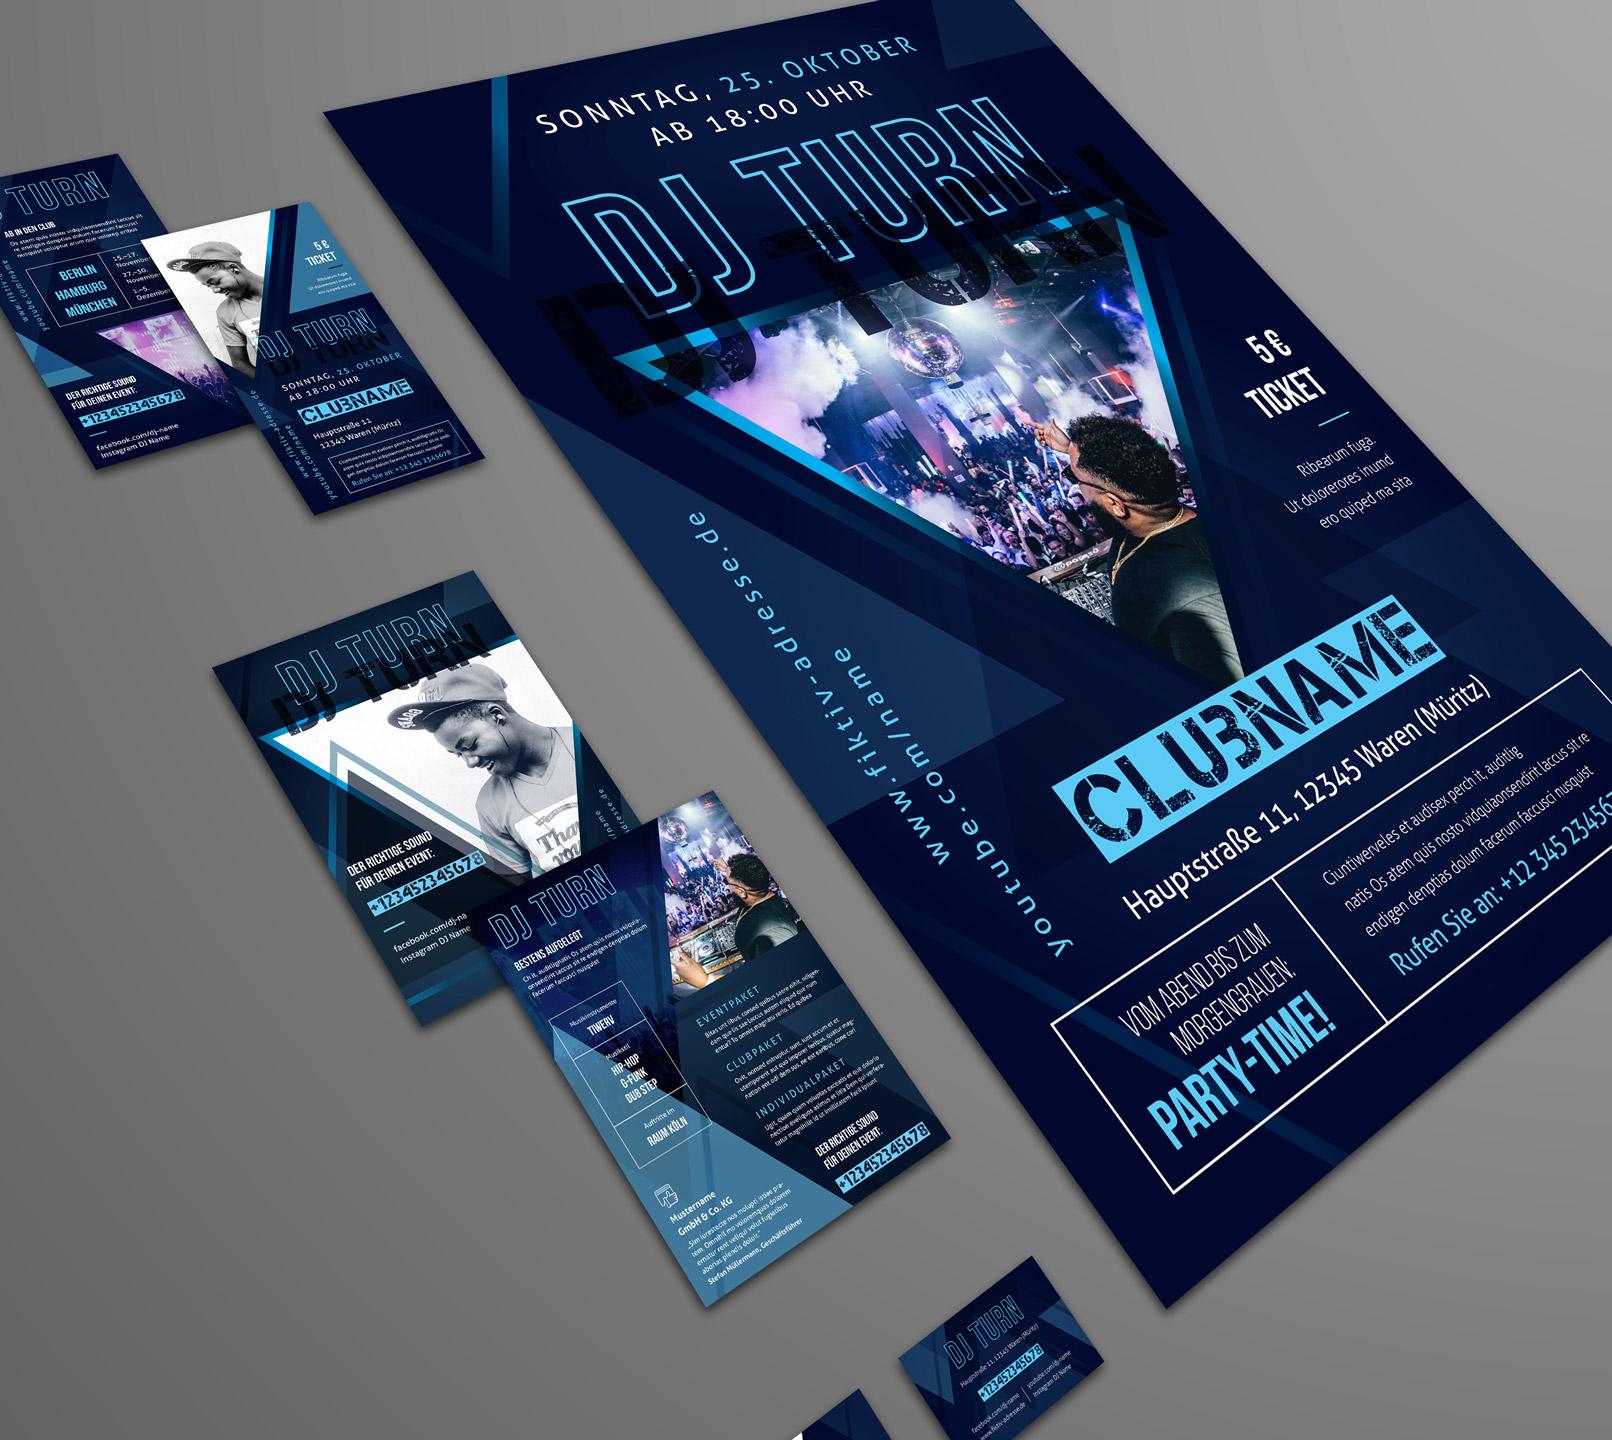 Design-Vorlagen für Musiker und DJs, inklusive CD Cover, Poster und Visitenkarte.